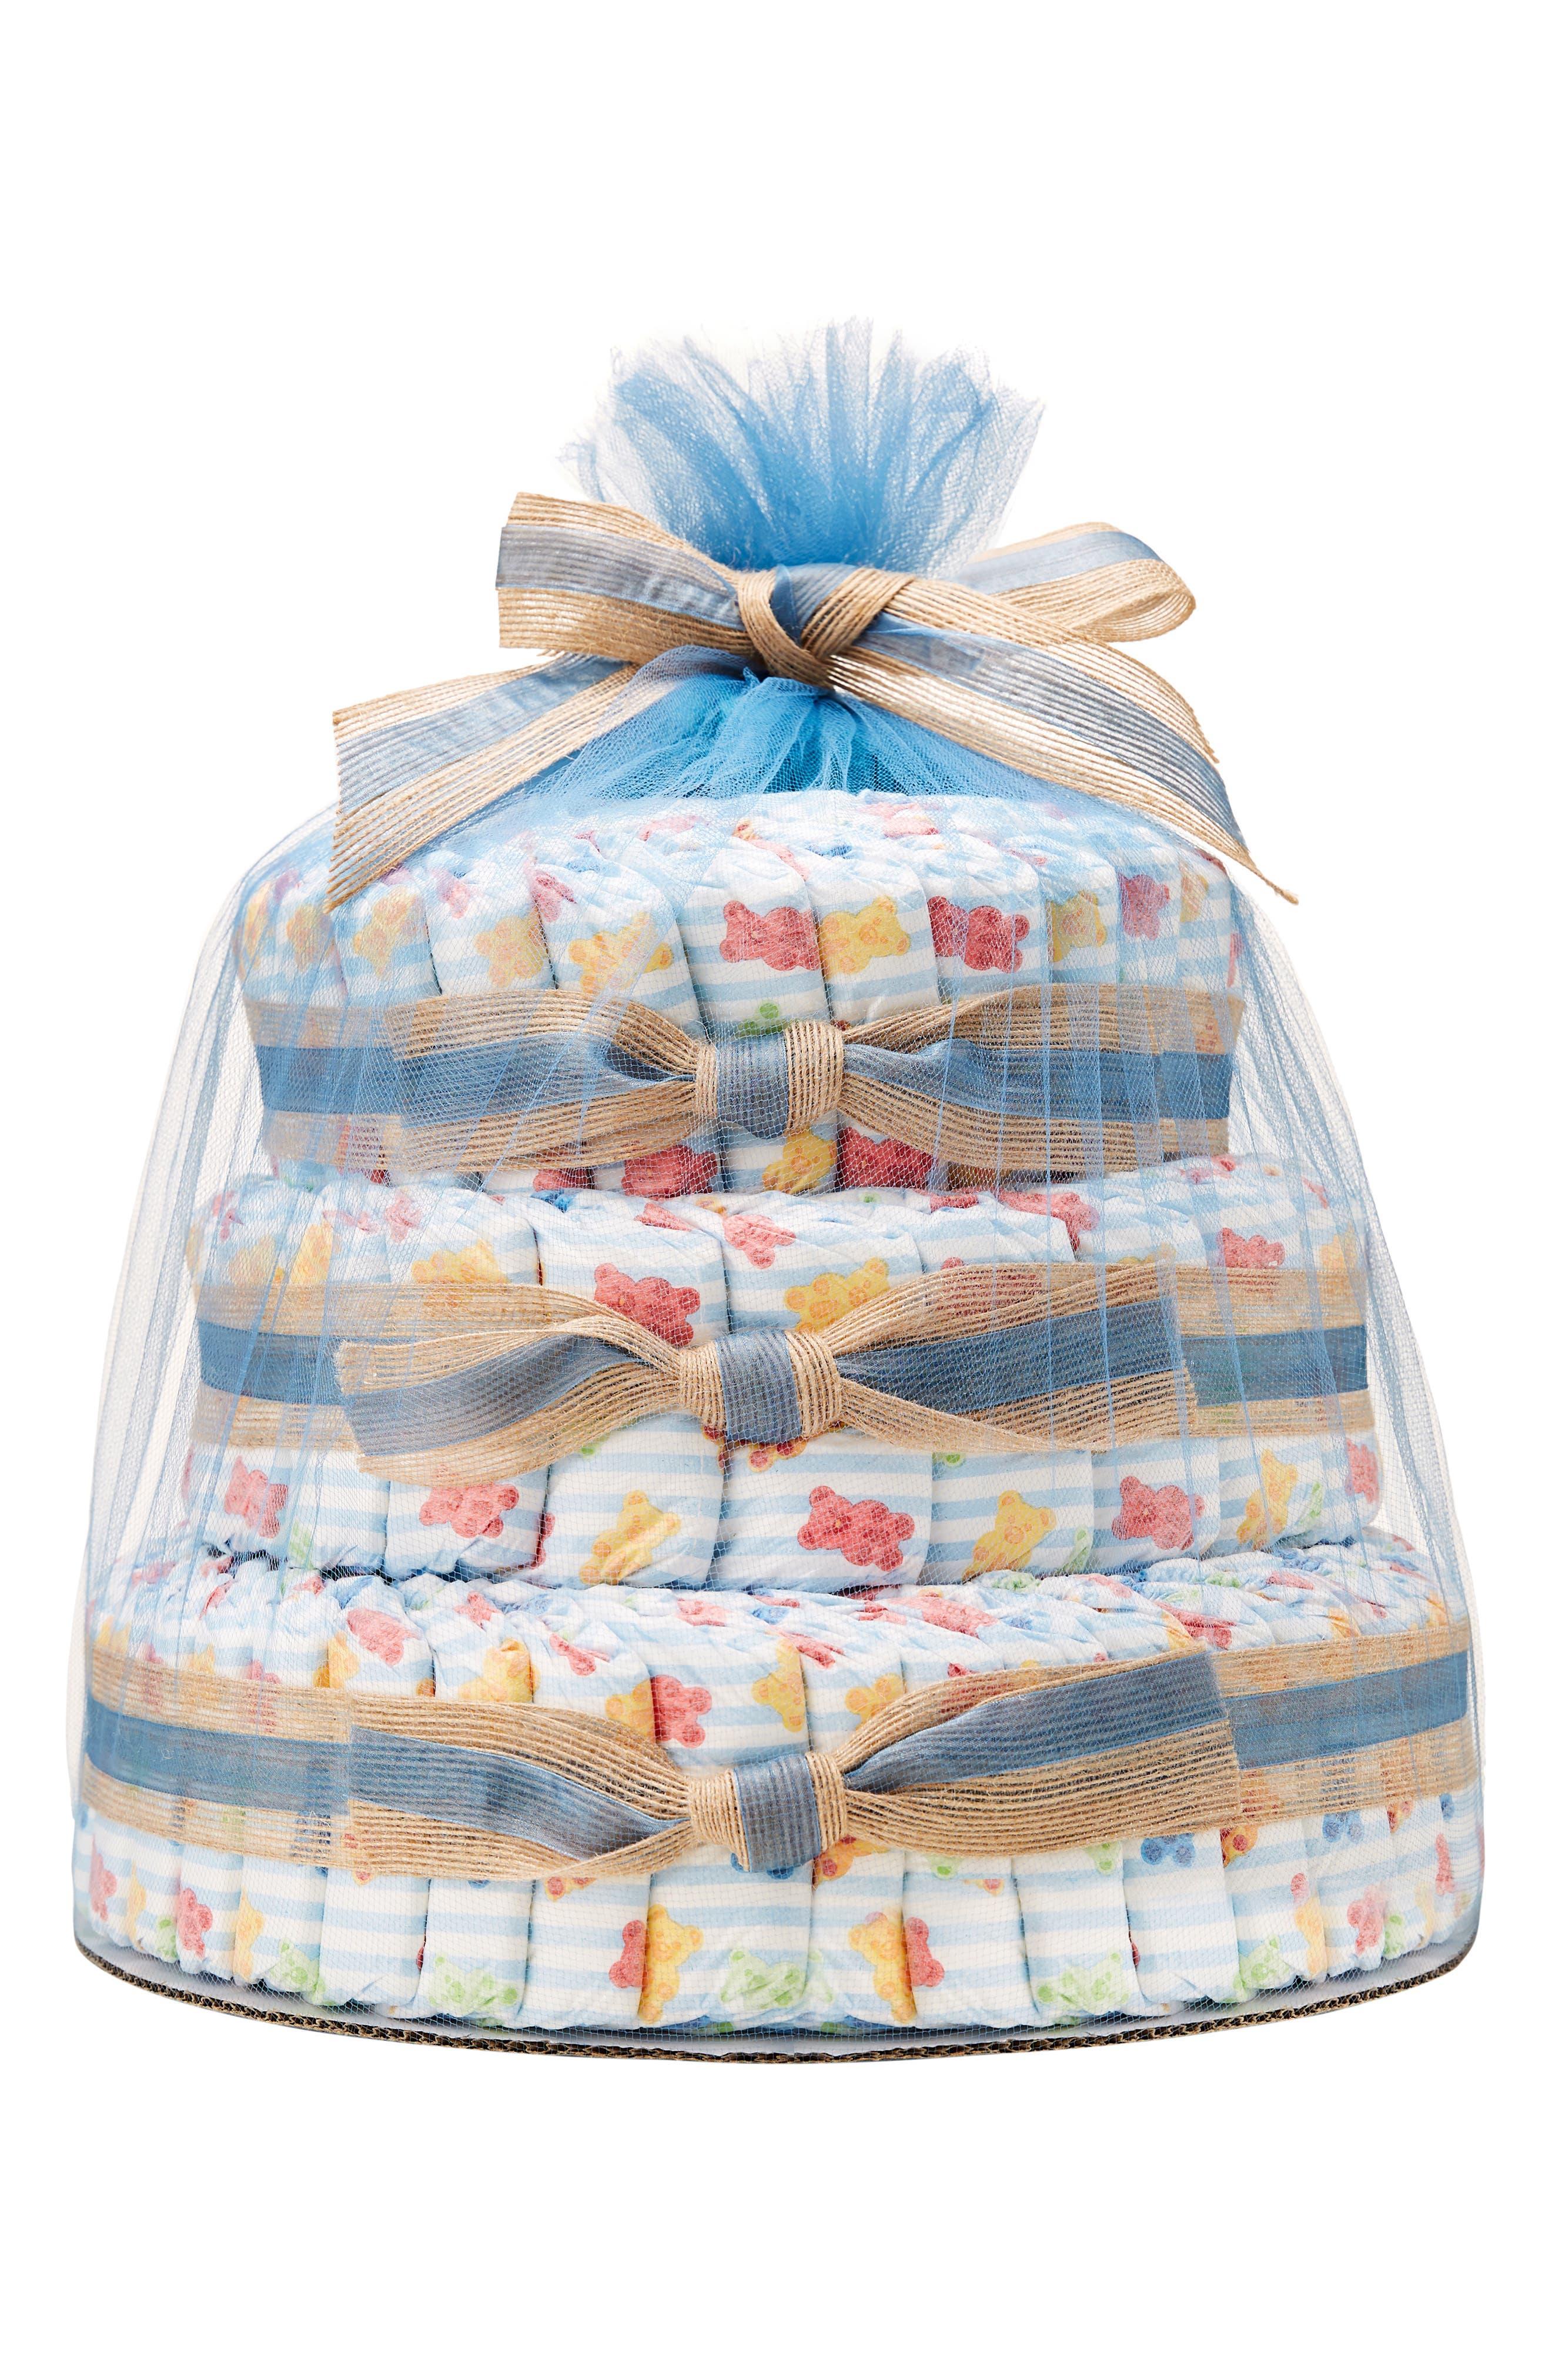 x Sugarfina Boo Bear Large Diaper Cake,                         Main,                         color, BOO BEAR